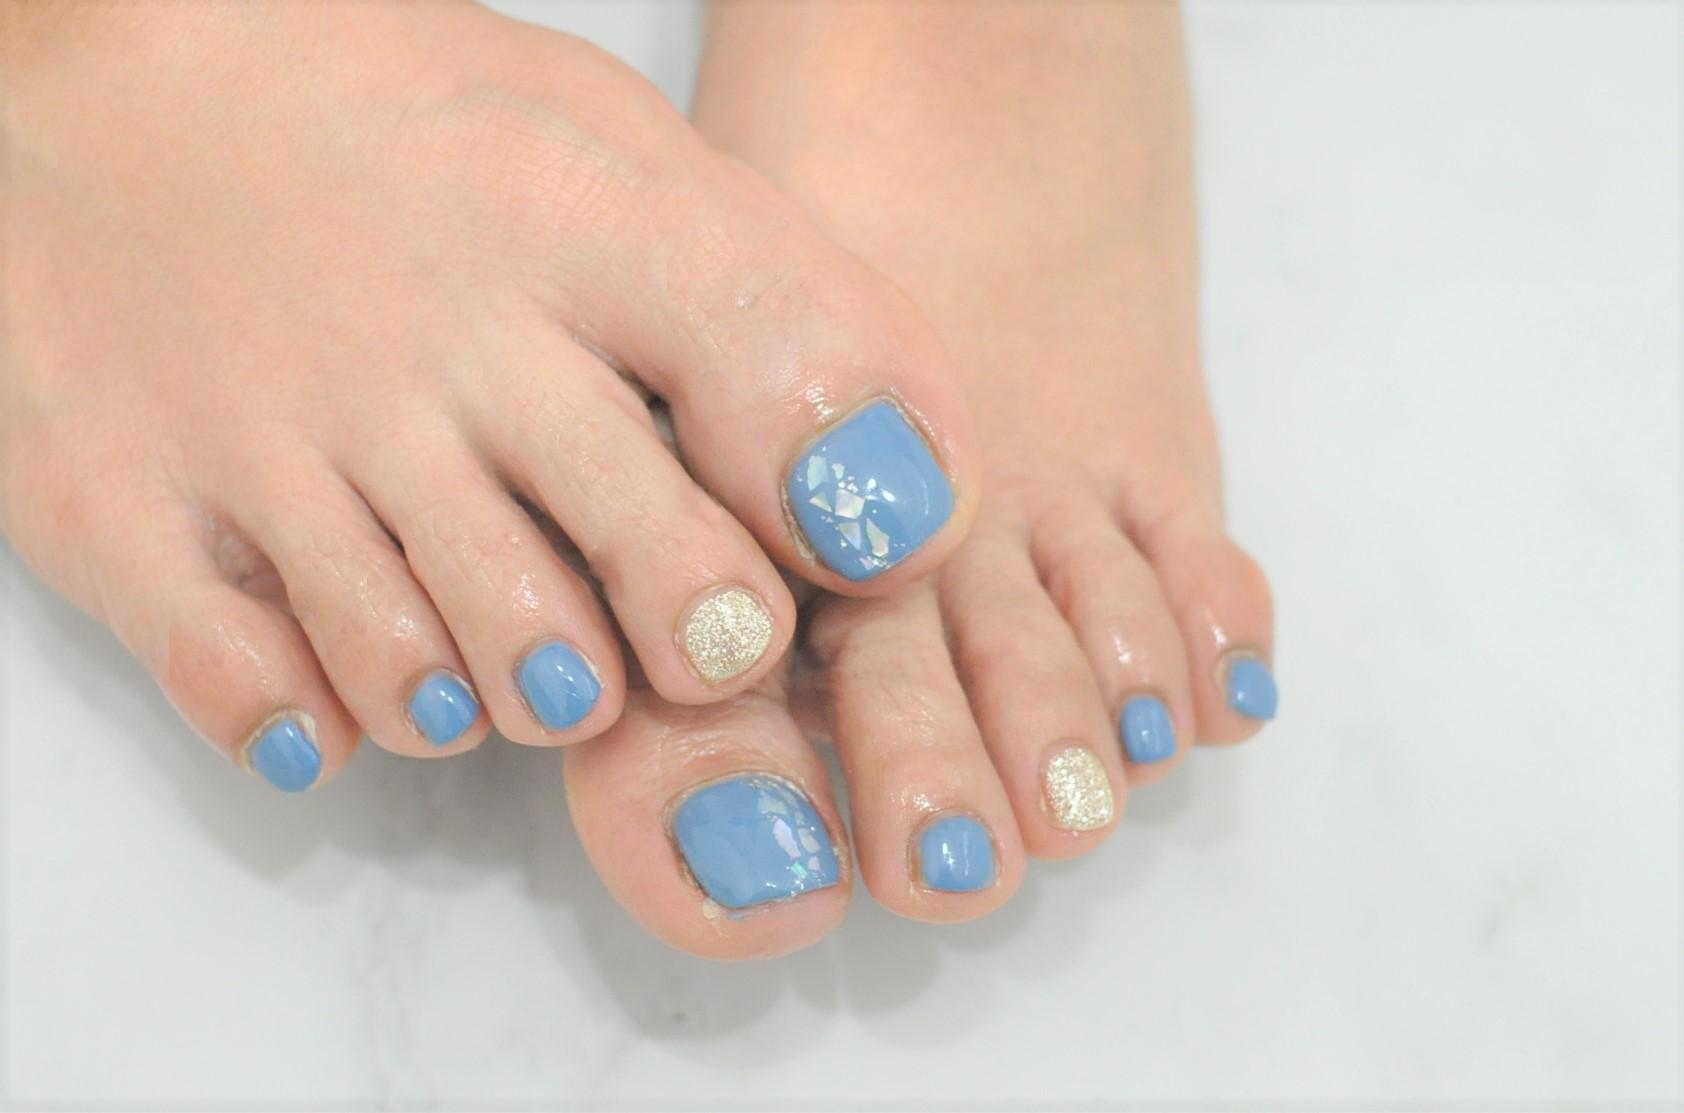 初夏フットジェルネイル2021年,水色,ブルー,シェル,シルバーラメ